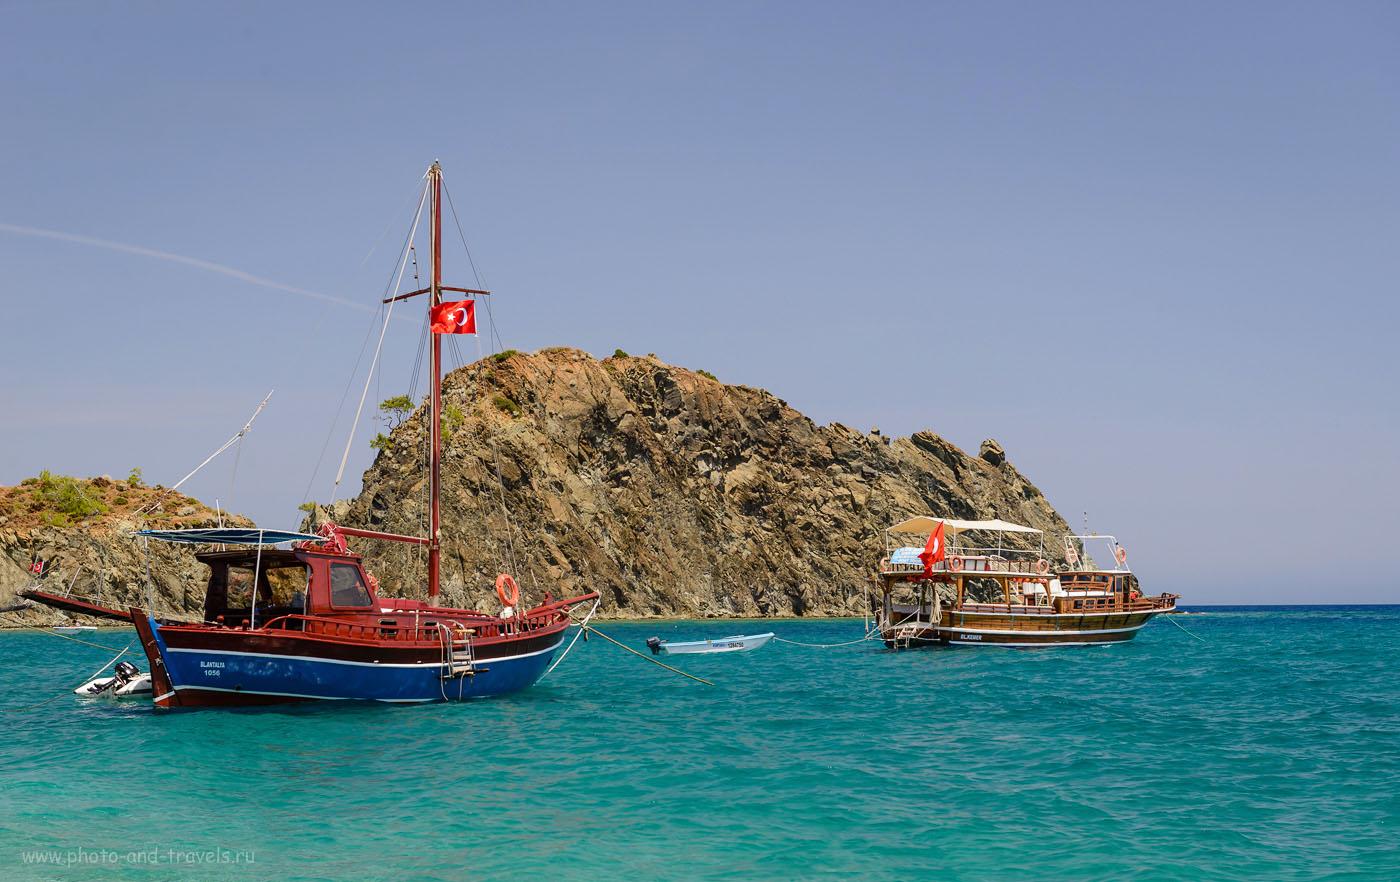 Фотография 26. Куда поехать на пляжный отдых в Турции? В небольшой поселок Чиралы, что в 30 км западнее Кемера. 1/100, 8.0, 100, 60.